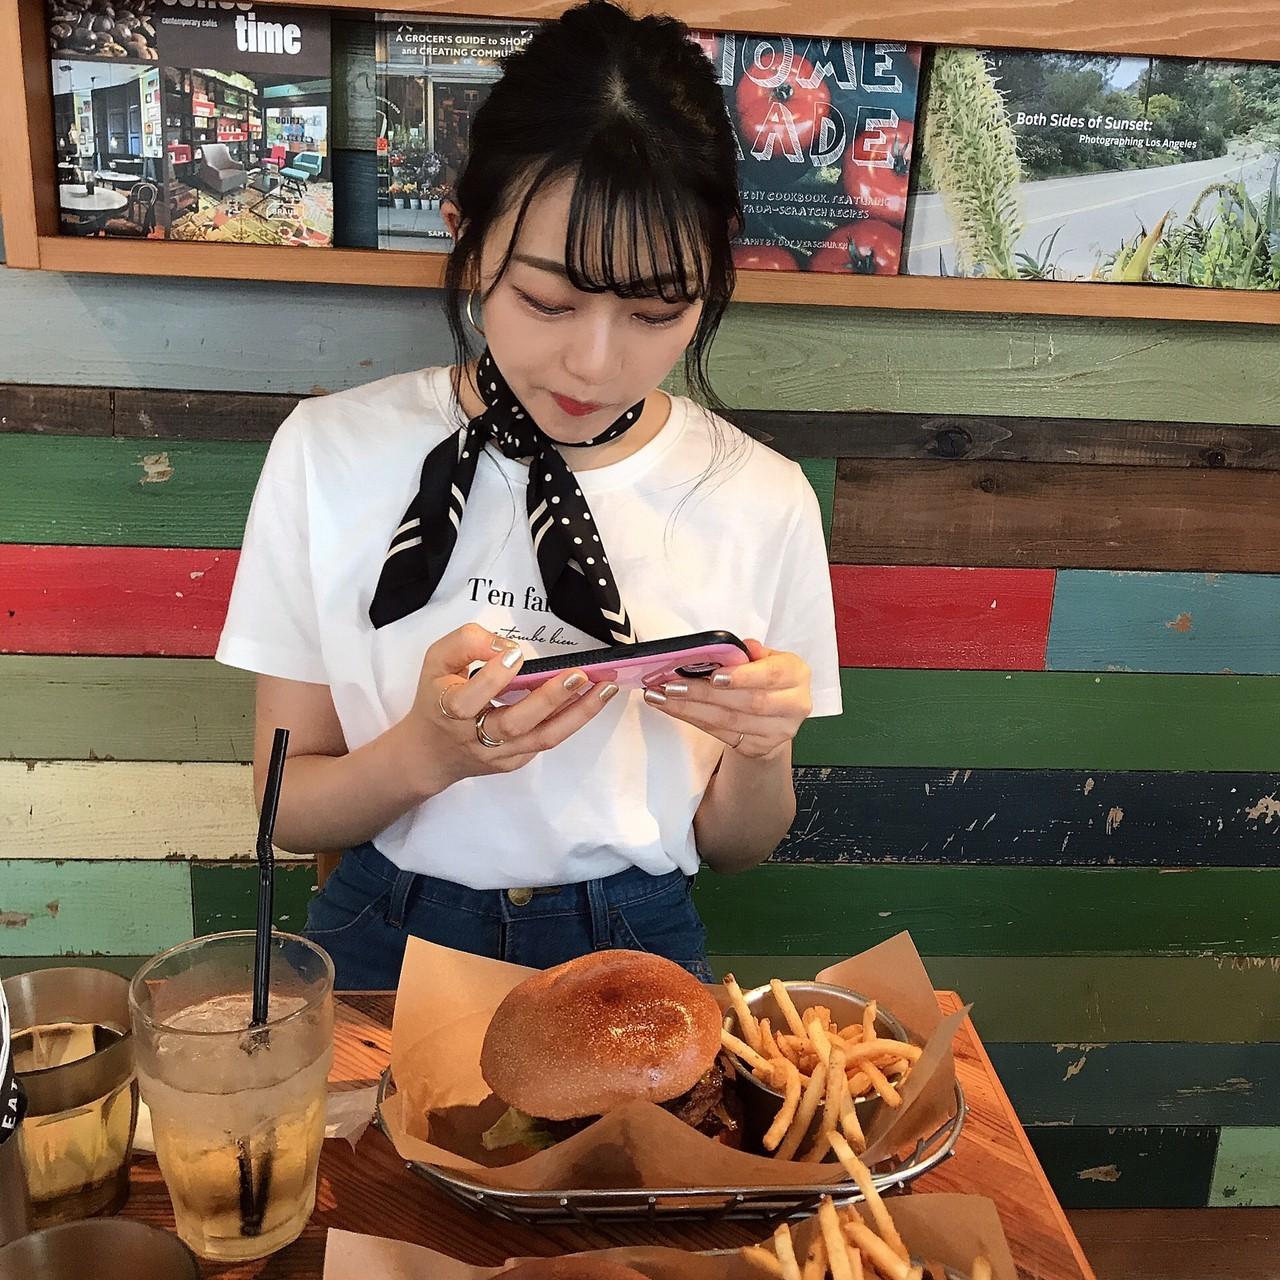 ボリューム満点◎!ハンバーガー!【J.S. BURGERS CAFE 原宿店】_1_2